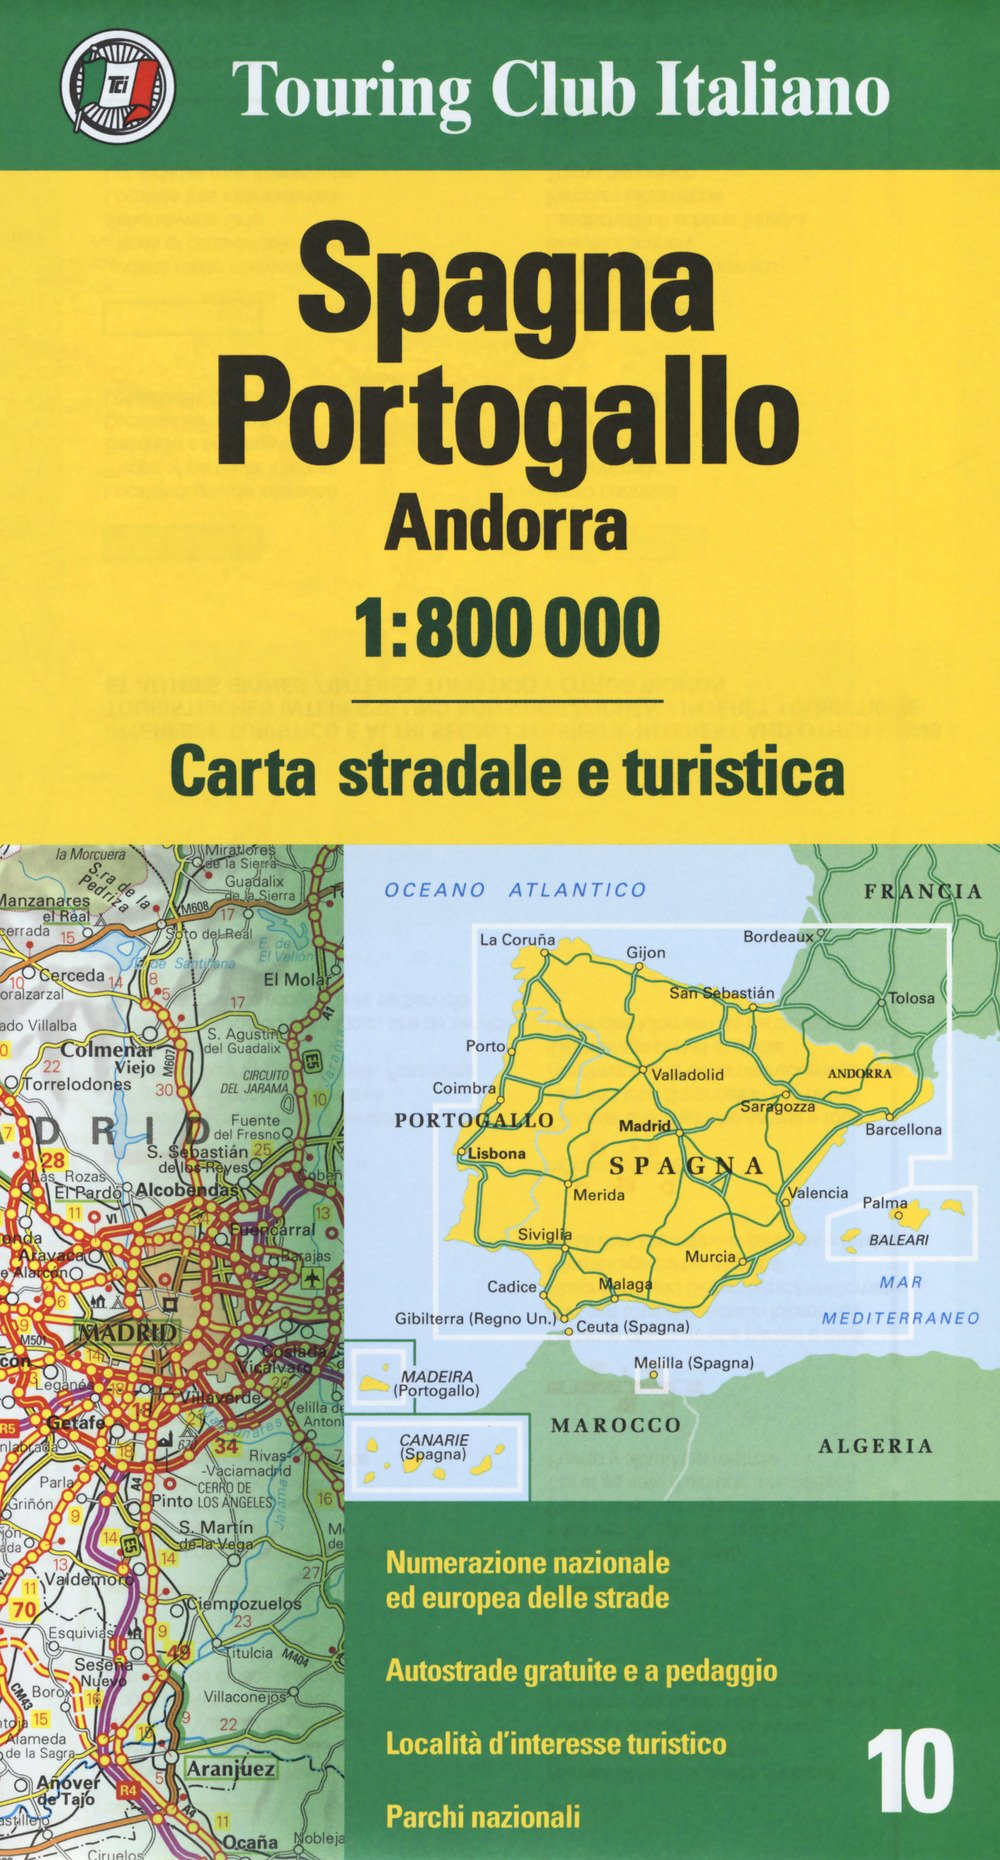 Cartina Stradale Portogallo.Spagna Portogallo Andorra 1 800 000 Carta Stradale E Turistica 9788836573080 Amazon Com Books